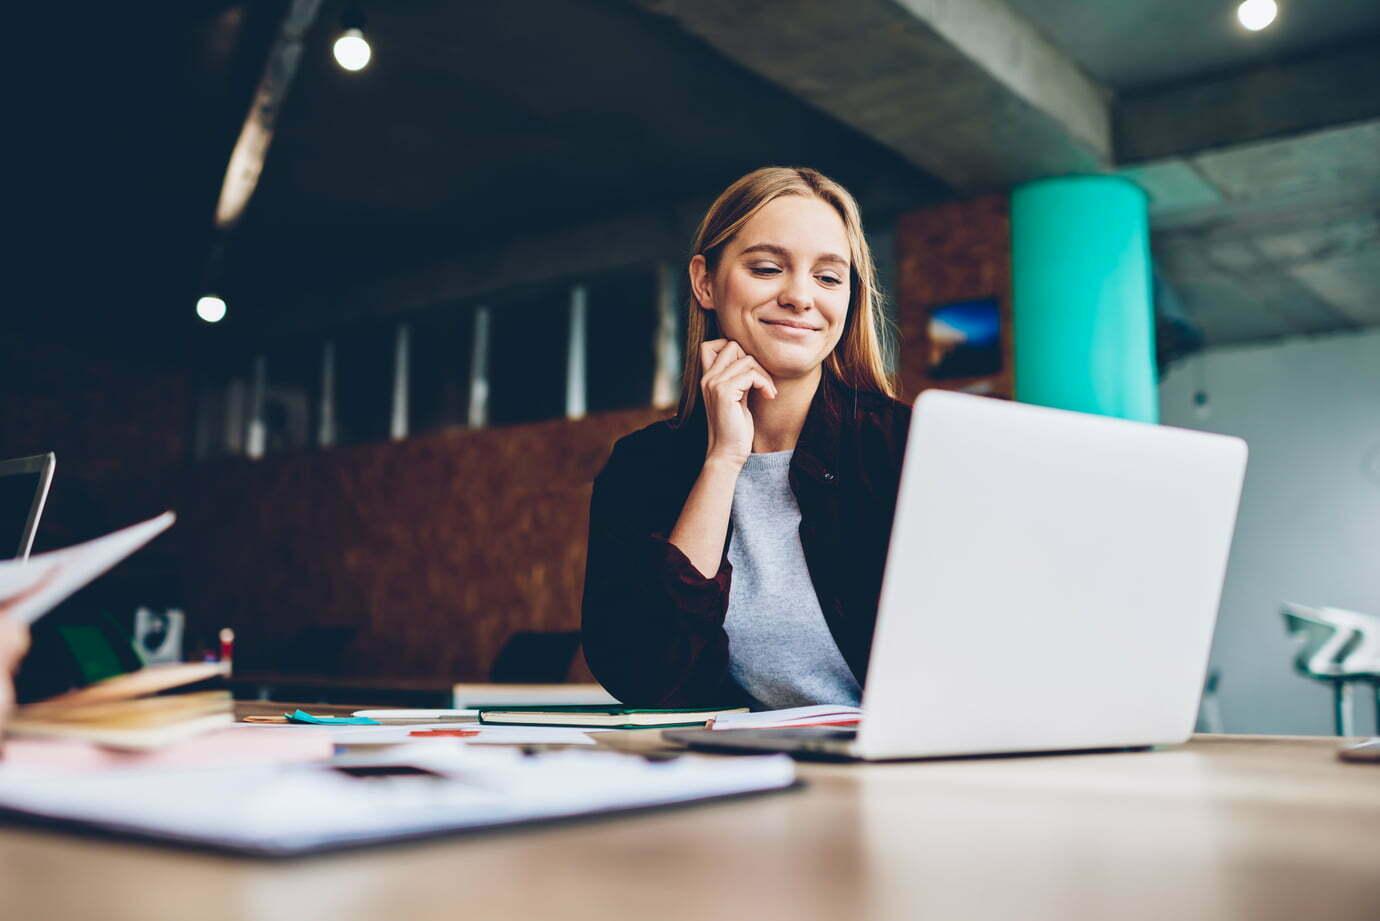 Aprender Excel para encontrar trabajo 2021